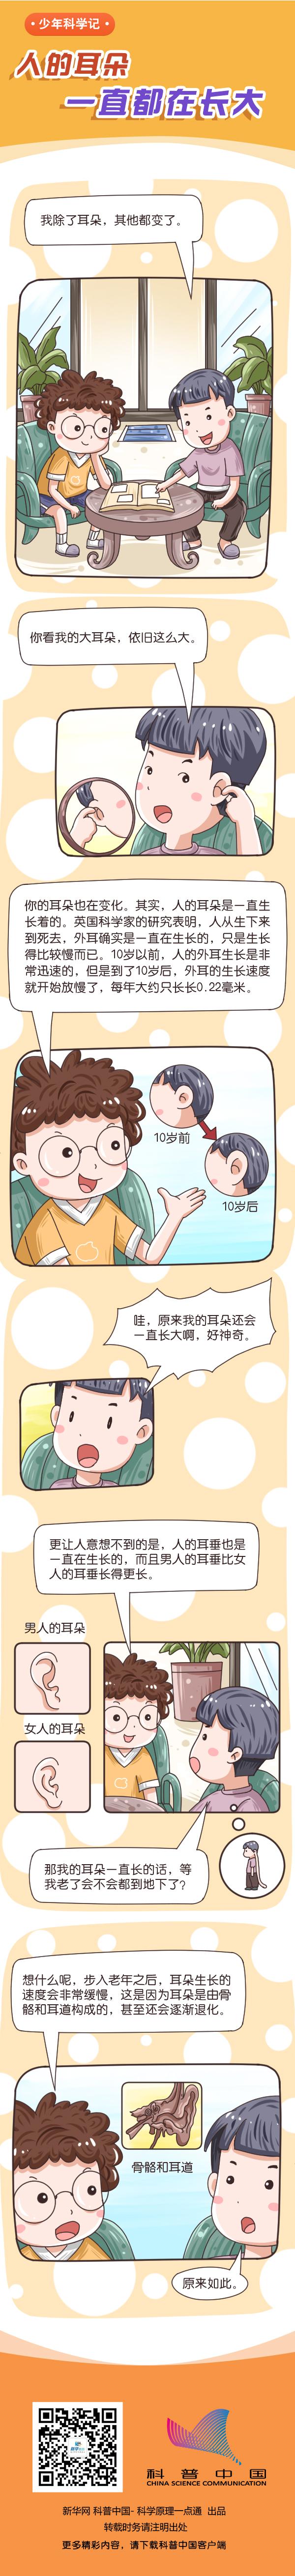 人的耳朵一直都在长大